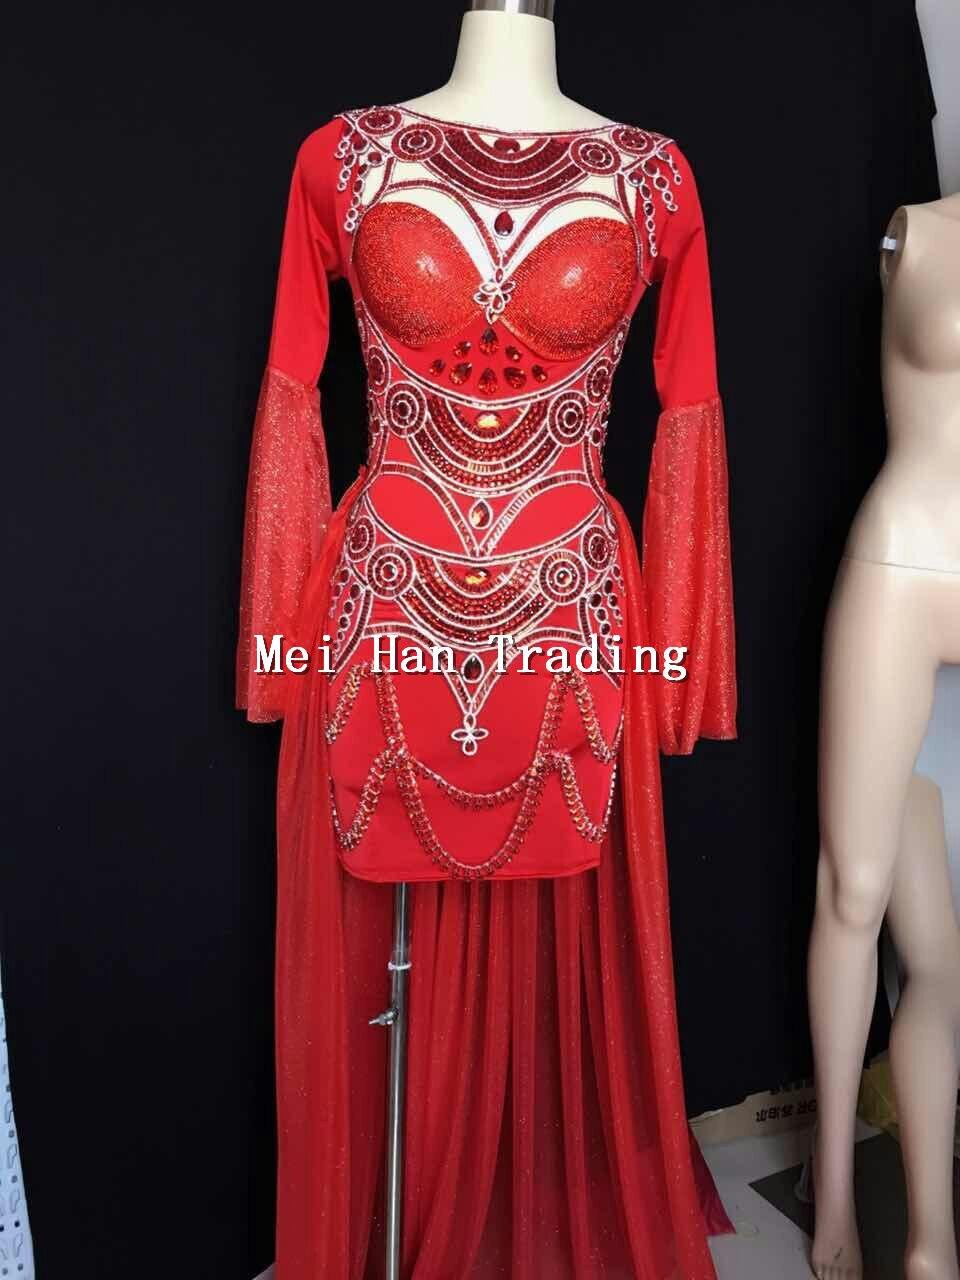 2018 nuevo vestido de lentejuelas rojas de manga larga vestidos de diamantes de imitación para fiesta de baile brillante vestido de actuación para discoteca-in Vestidos from Ropa de mujer    1